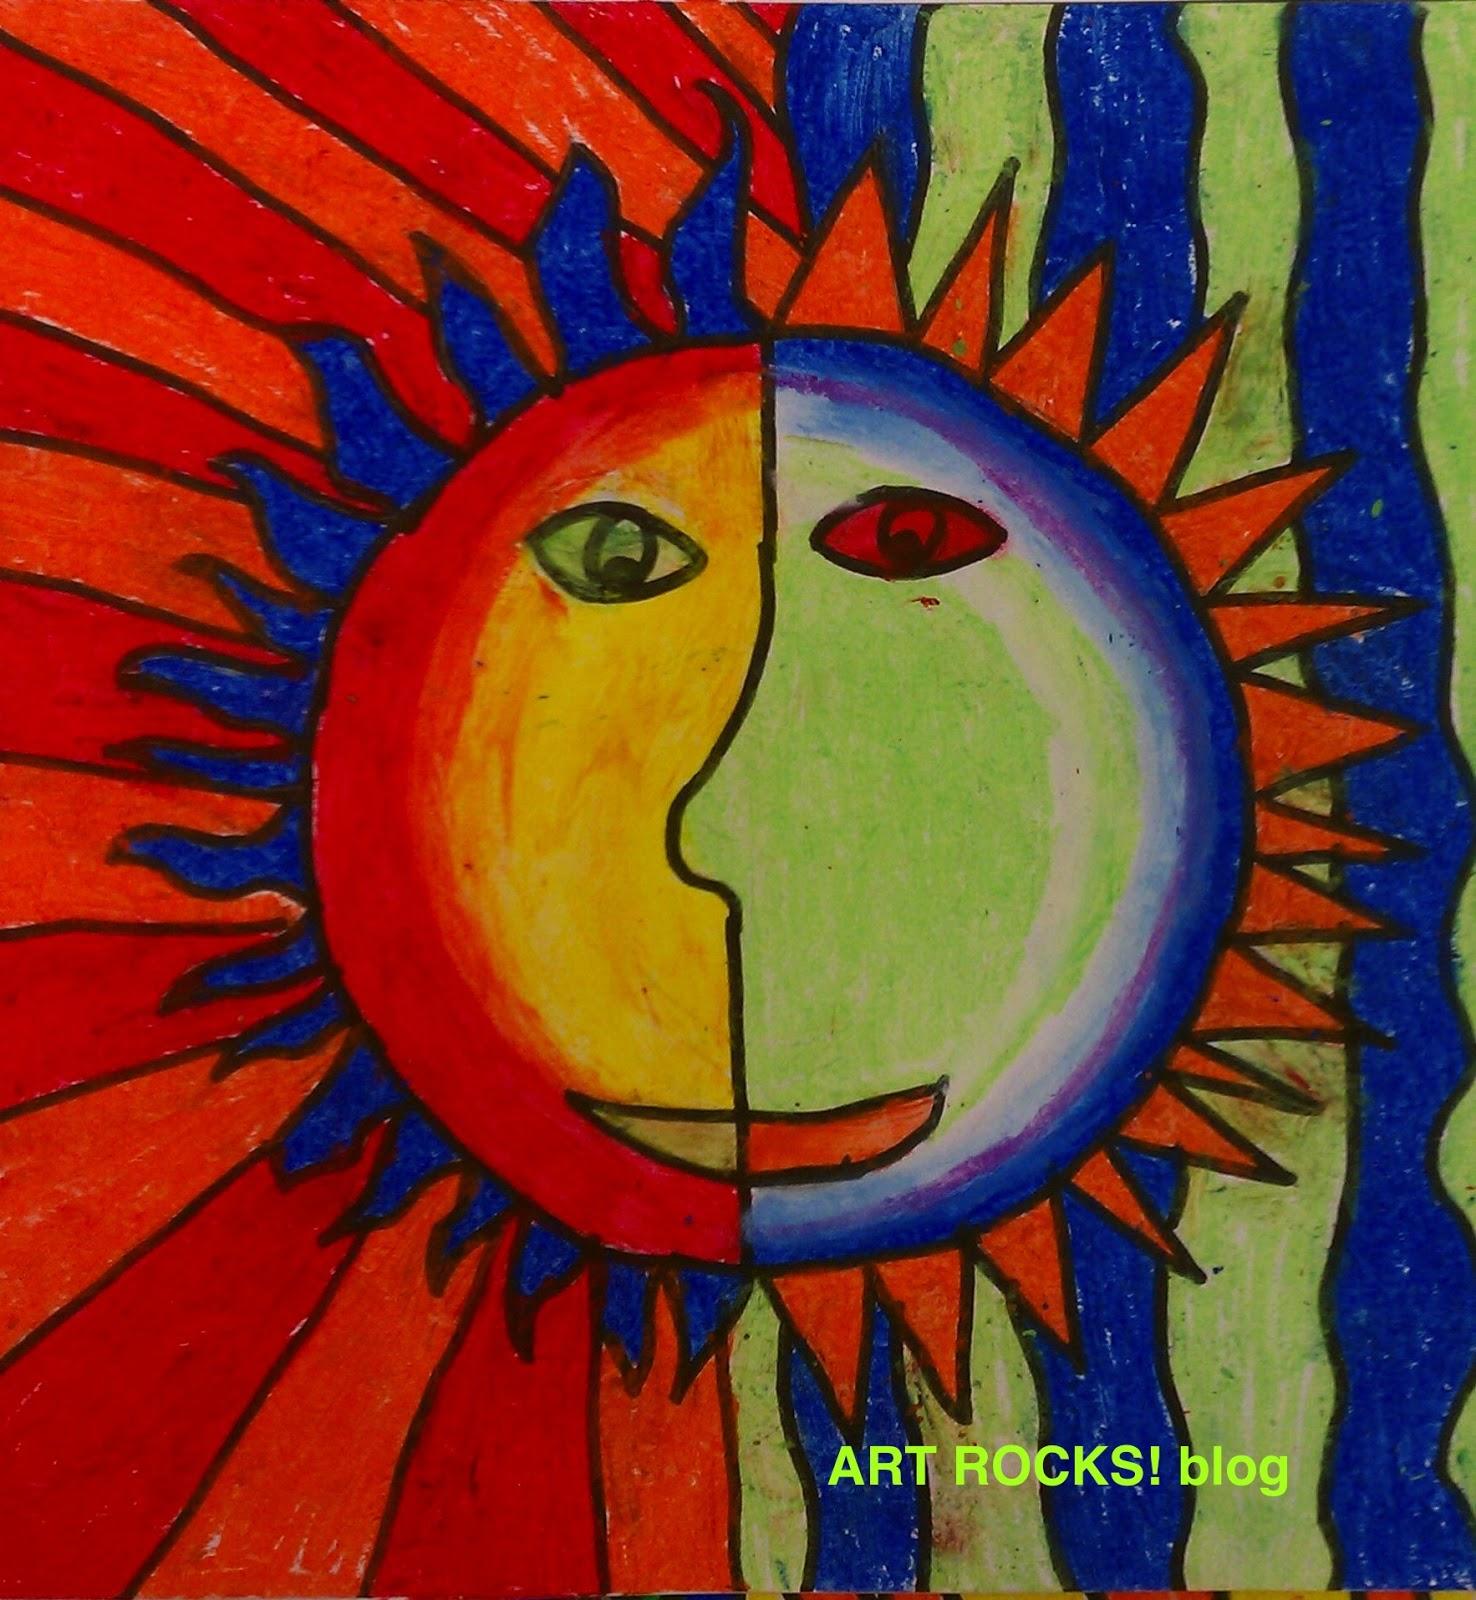 Art Rocks!: Grade 4: Aztec Suns